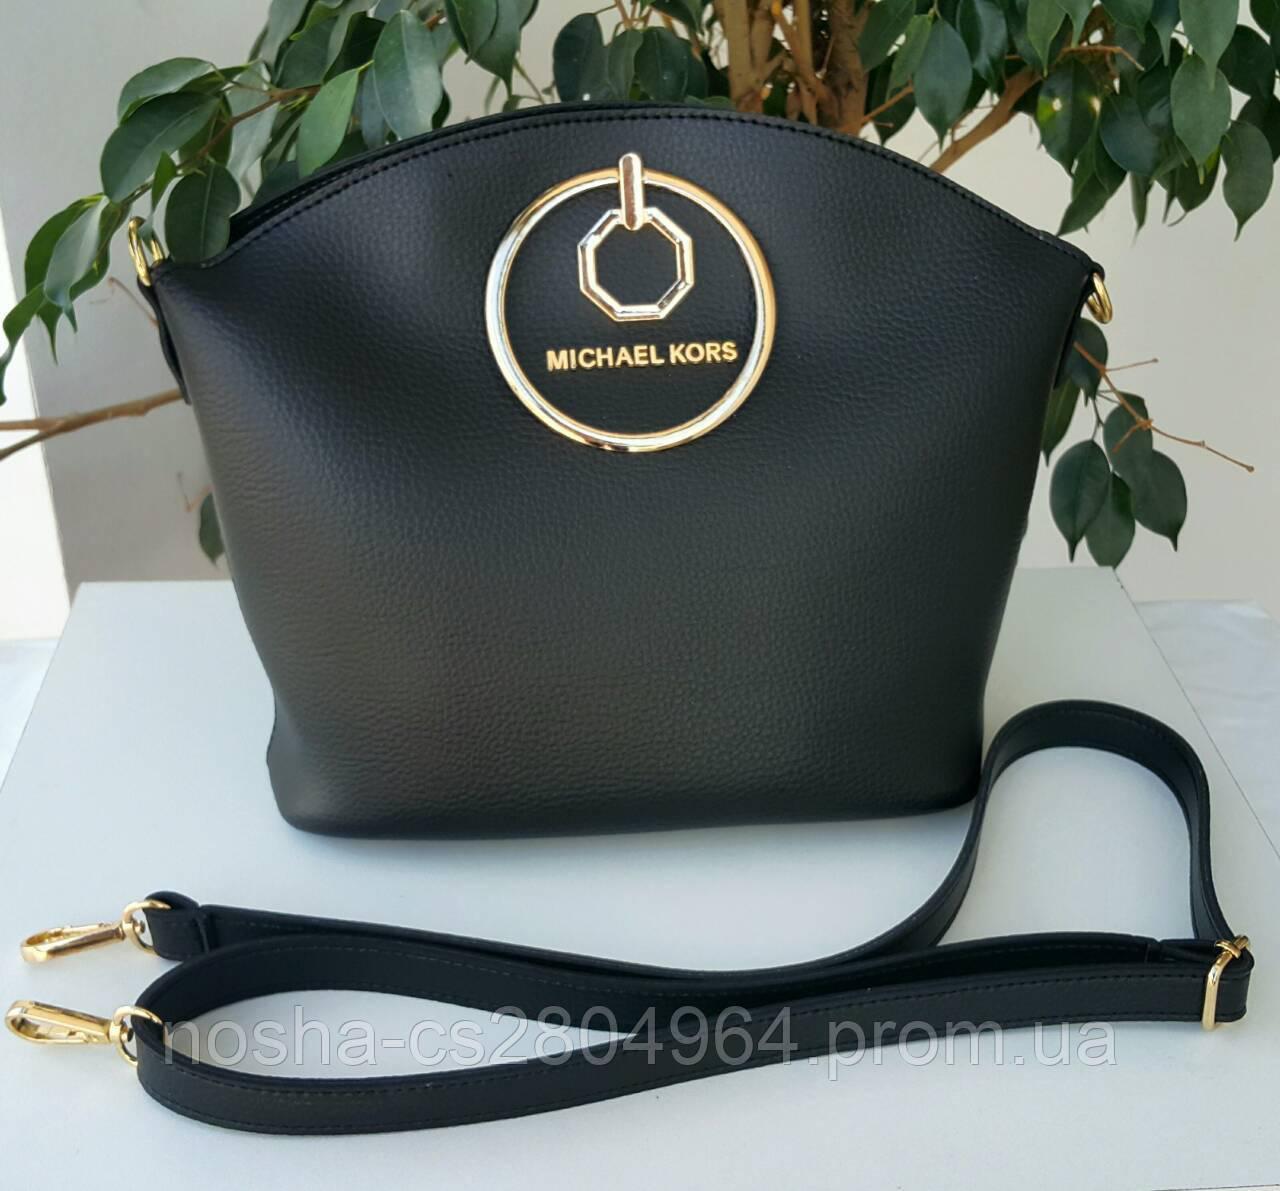 78b1c36ae06b Черная женская сумка через плечо Michael Kors   Сумка женская Майкл Корс    Мишель Корс